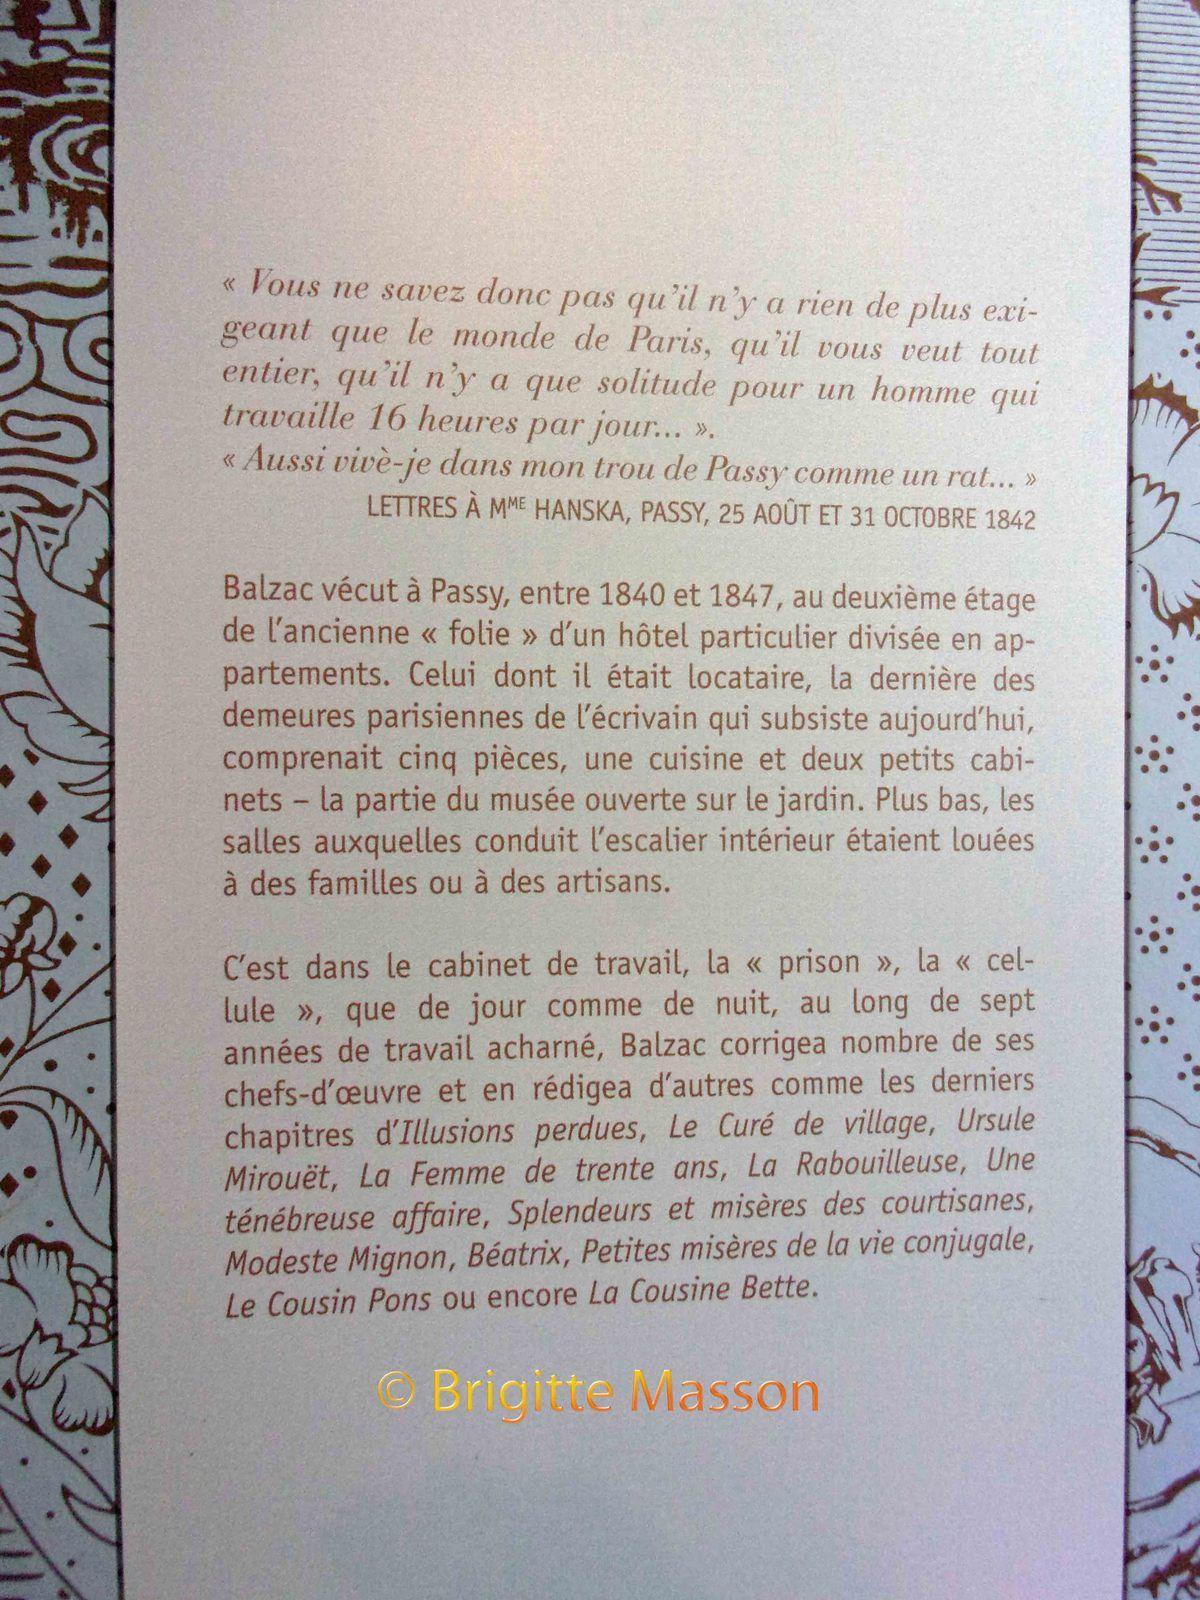 Honoré de Balzac, la maison de Passy - Le Havre et la côte d'Ingouville